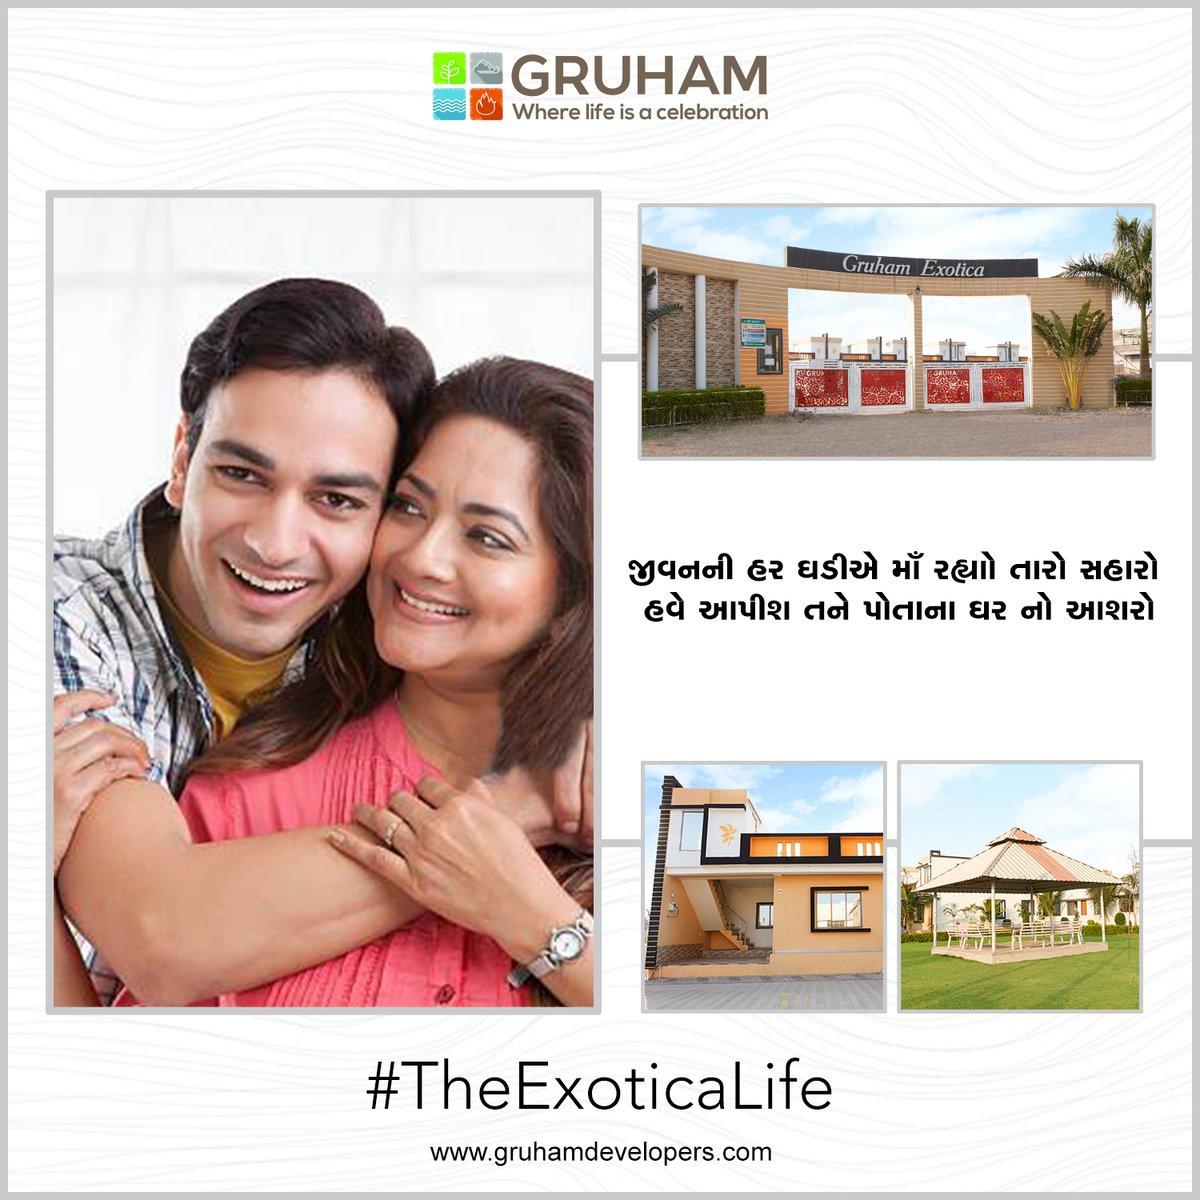 જે માતા-પિતાની છત્ર-છાયામાં થયો તમારો ઉછેર,  હવે આપો એમને પોતાના ઘરની છાયા નો સુંદર ભેટ!  તમારા પરિવાર સાથે આજે જ આવો Gruham Exotica પર!  #GruhamDevelopers #buildersanddevelopers #TheExoticaLife #GruhamExotica #Luxurious #ResidentialProject #House #Home #DreamHouse #Amenities